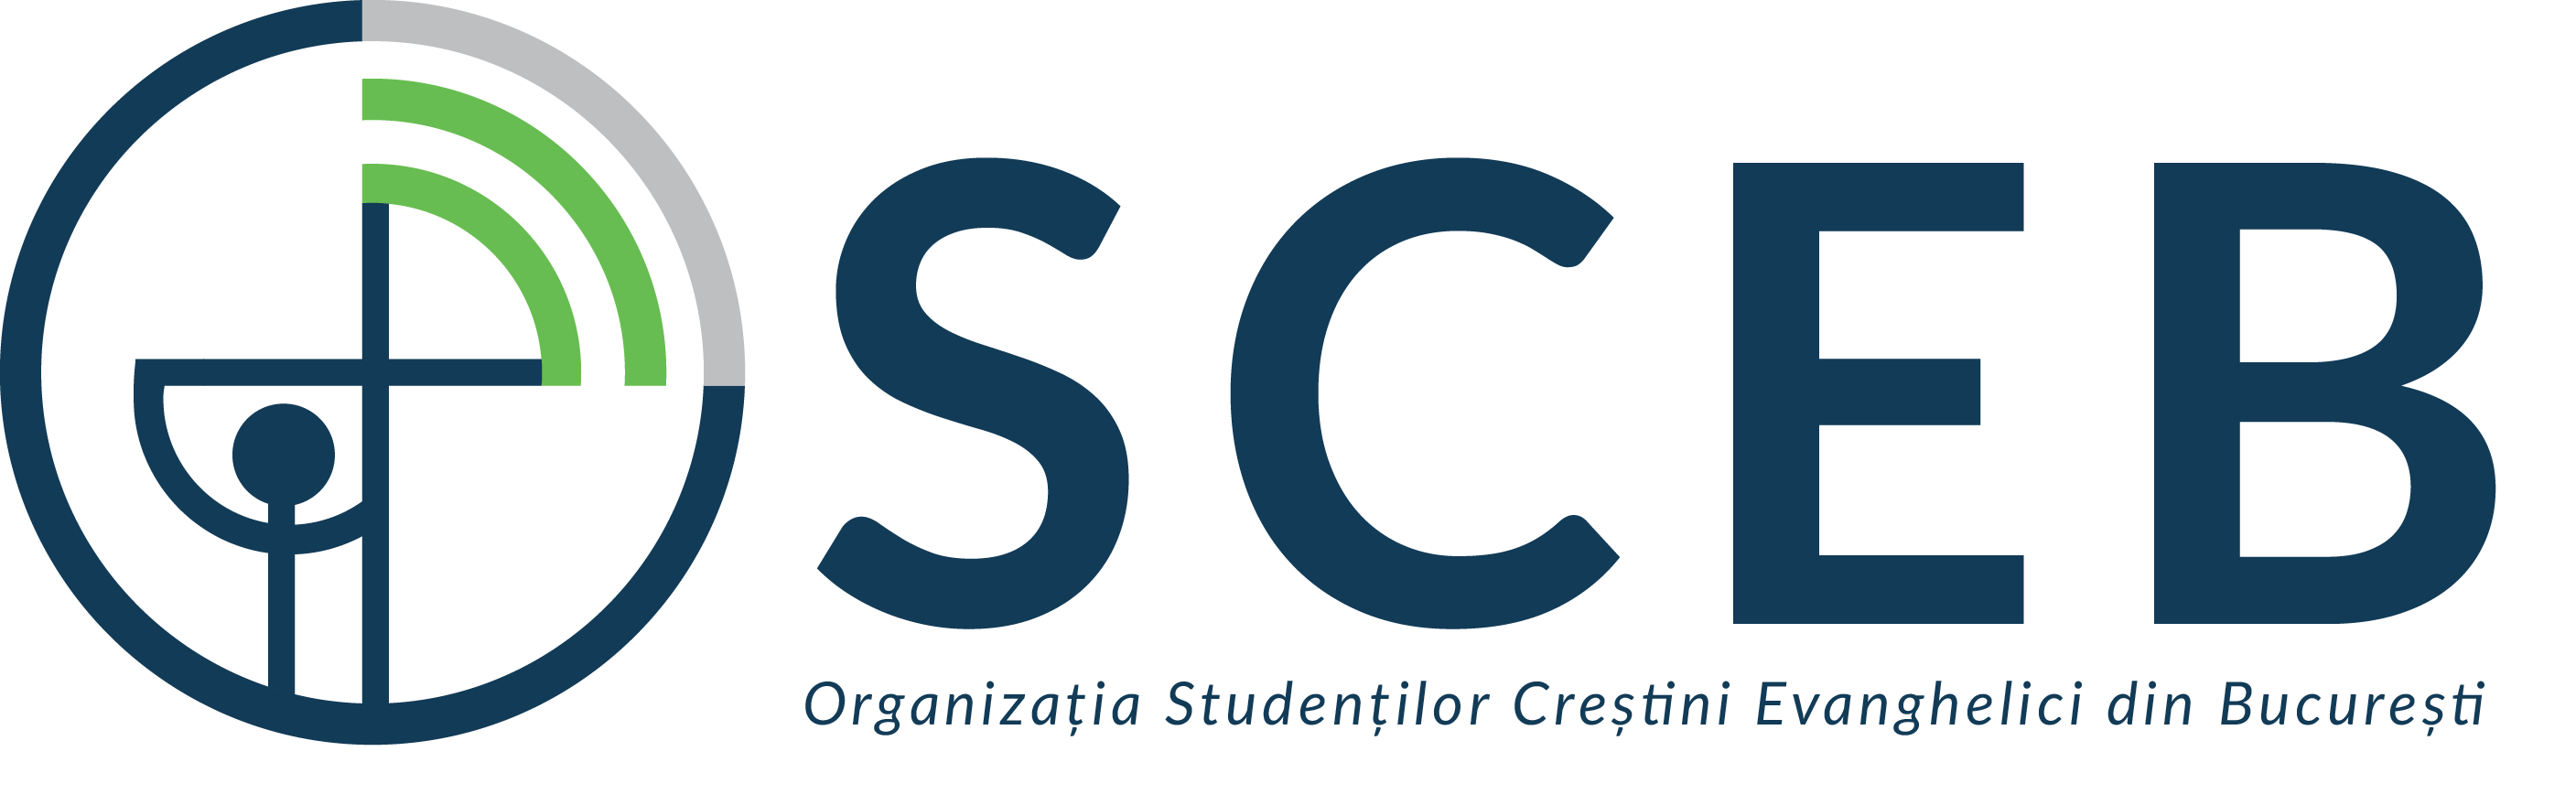 Organizatia Studentilor Crestini Evanghelici din Bucuresti (OSCEB) logo